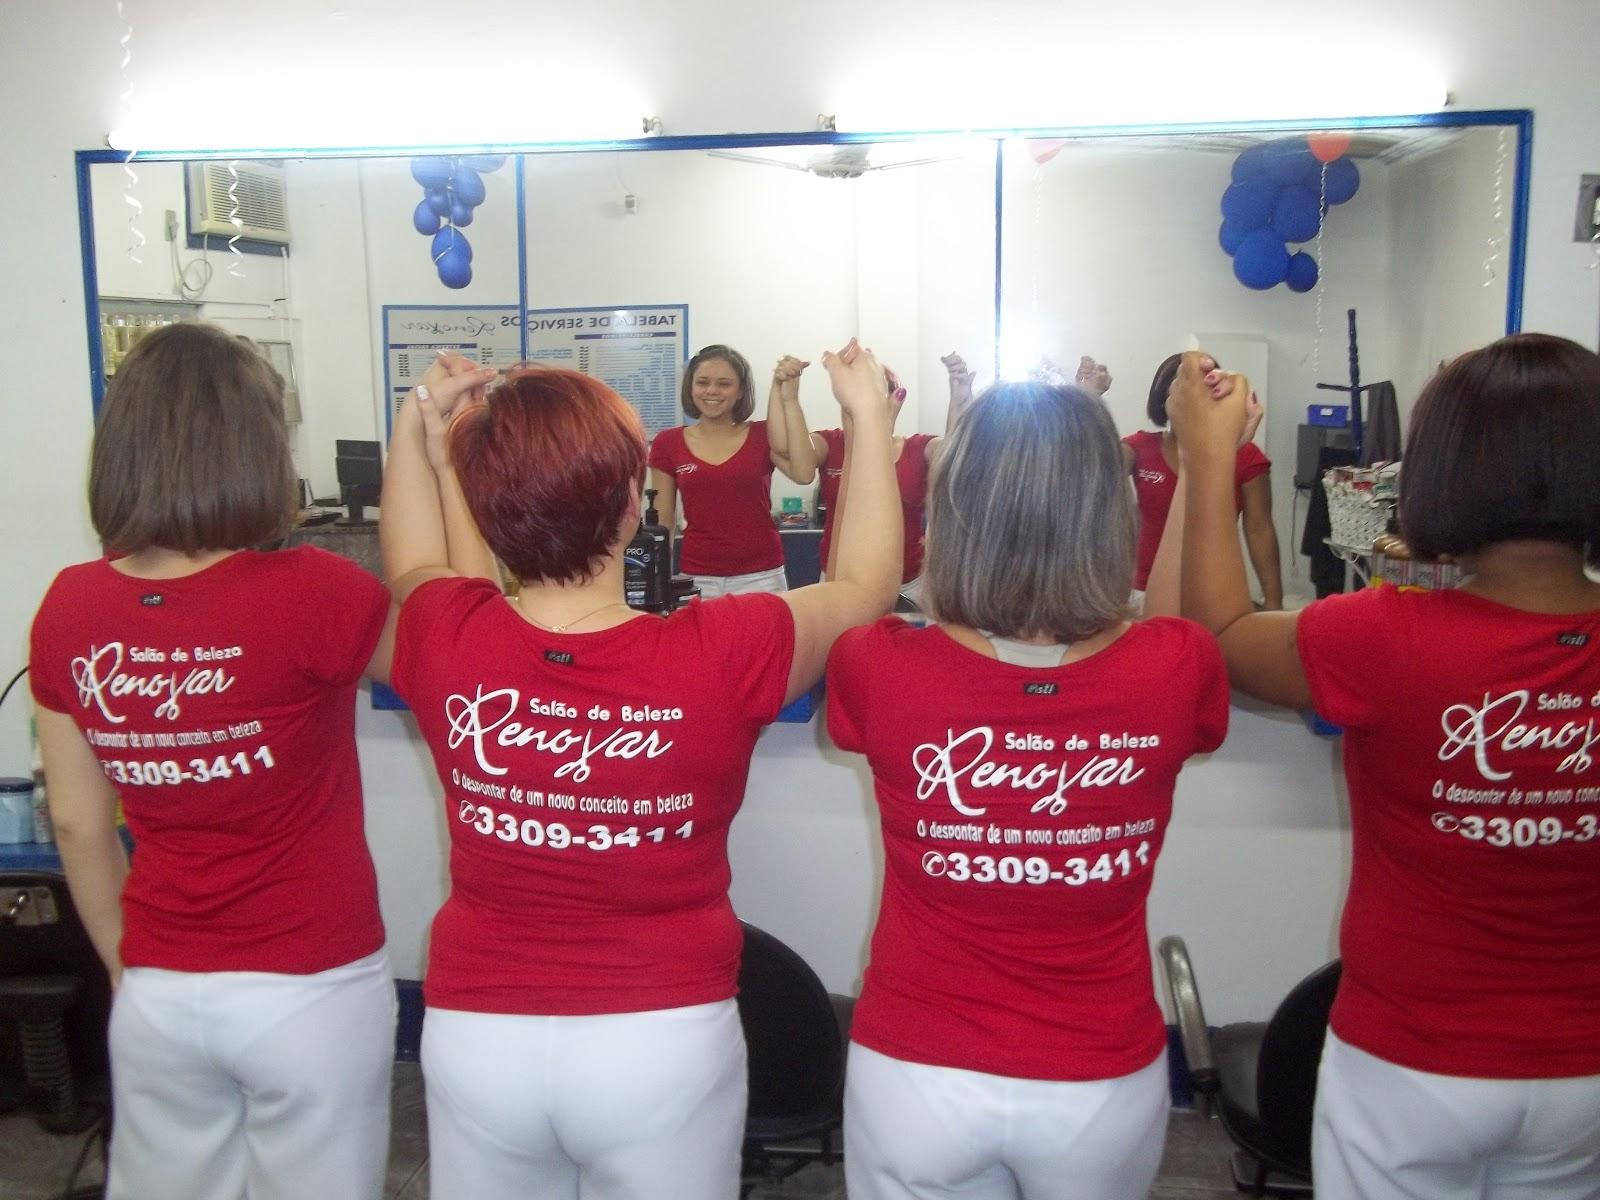 Salao renovar comemora anos e para homenagear os clientes estamos com uniforme novo